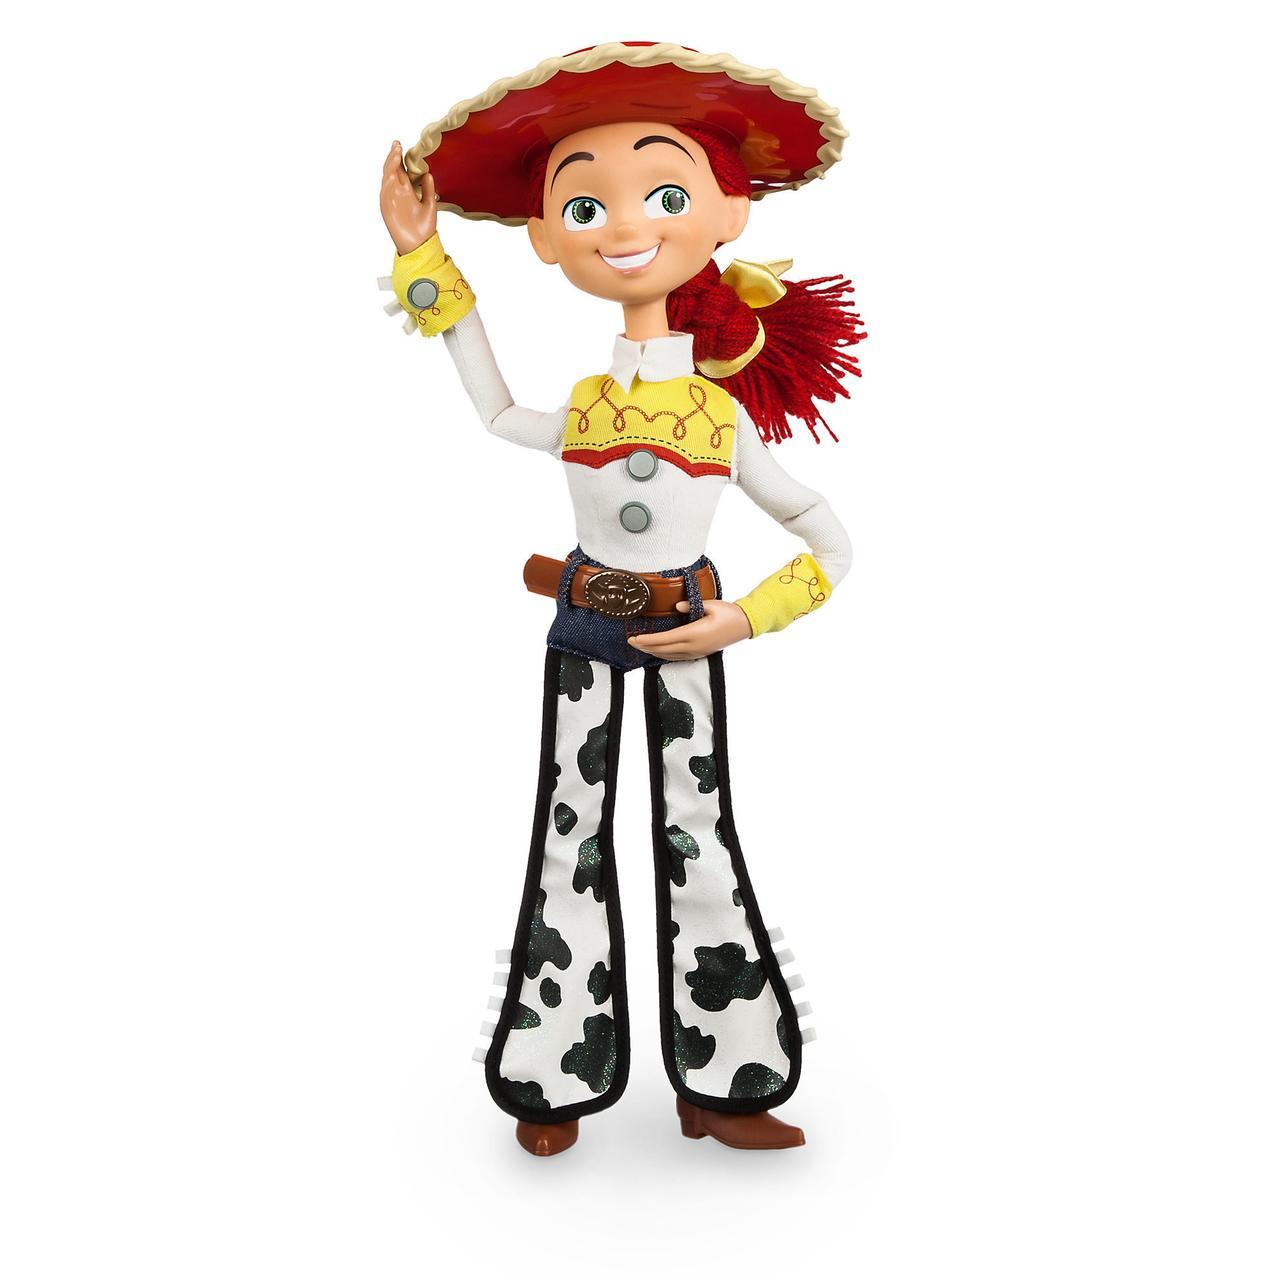 Интерактивная кукла ковбой Джесси из «Истории игрушек» Jessie Talking Figure - 15'' 38 см